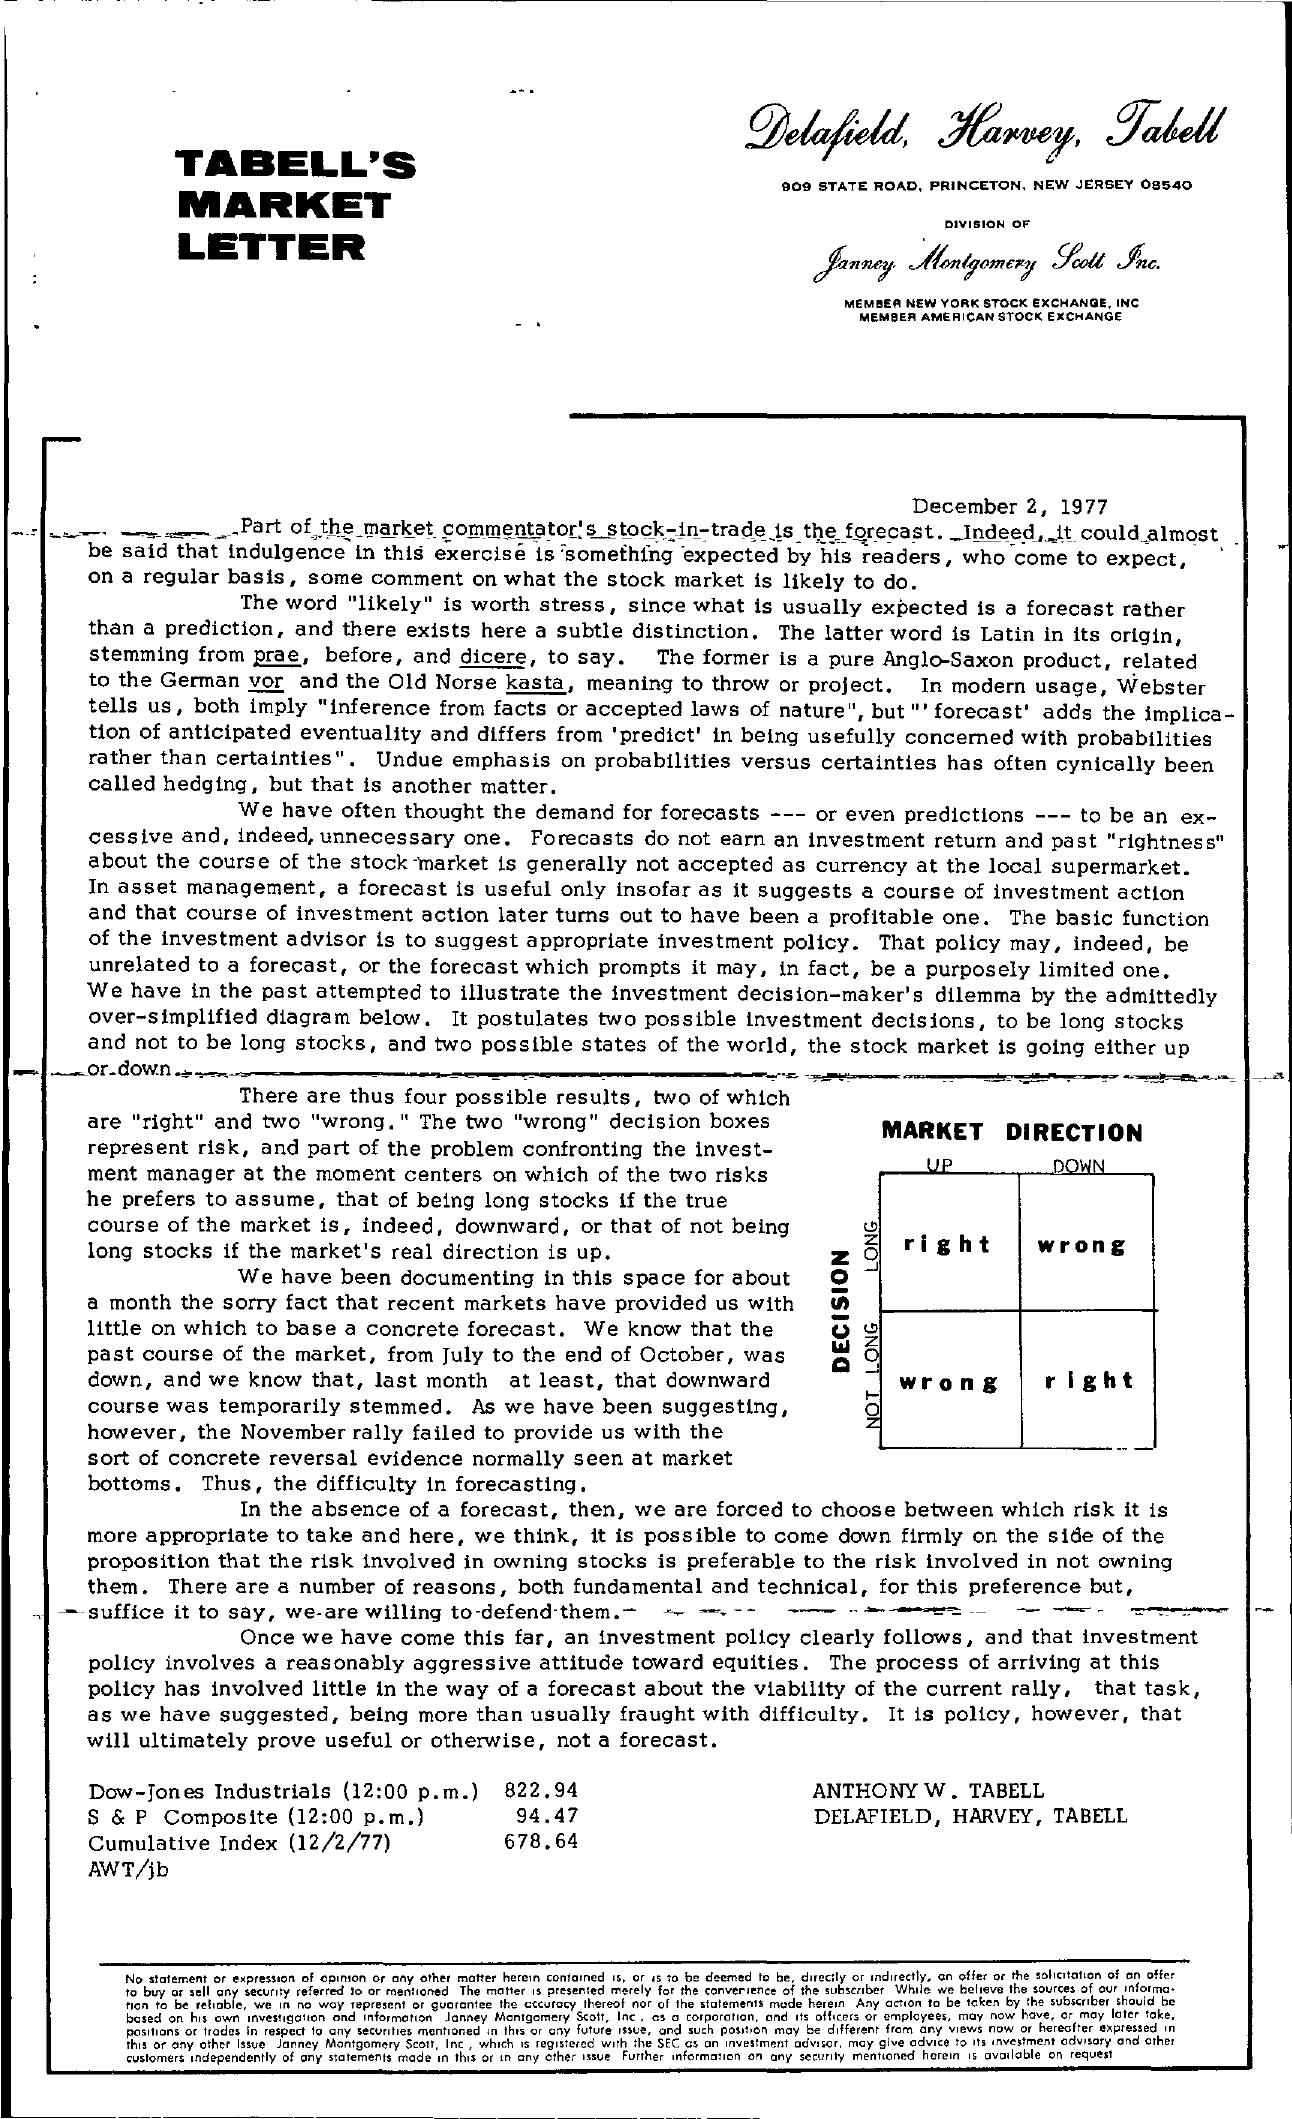 Tabell's Market Letter - December 02, 1977